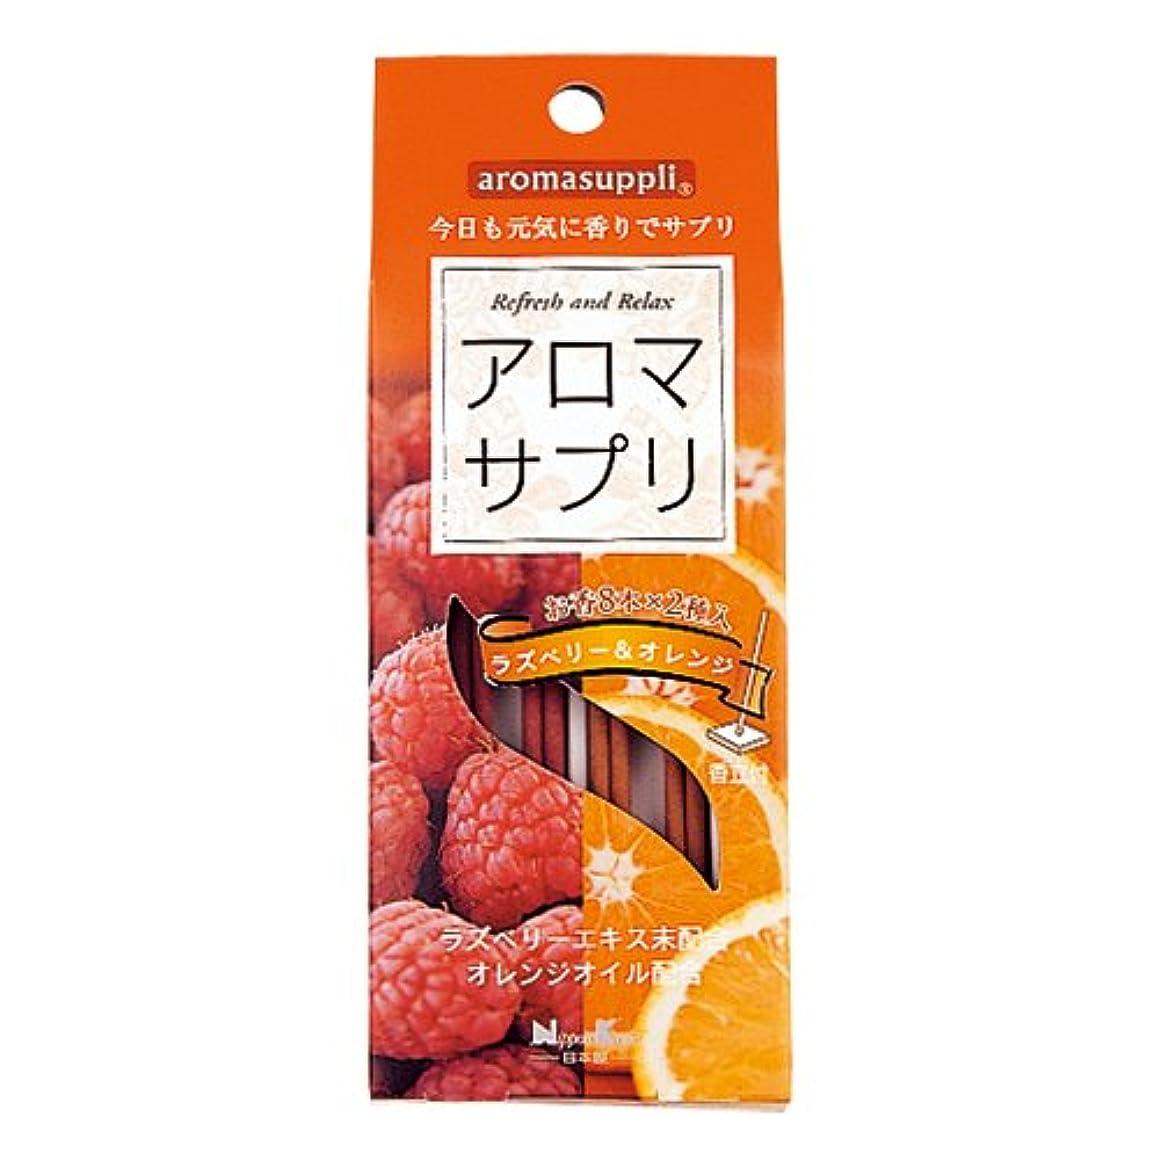 アートバンドル数【X10個セット】 アロマサプリ ラズベリー&オレンジ 8本入×2種